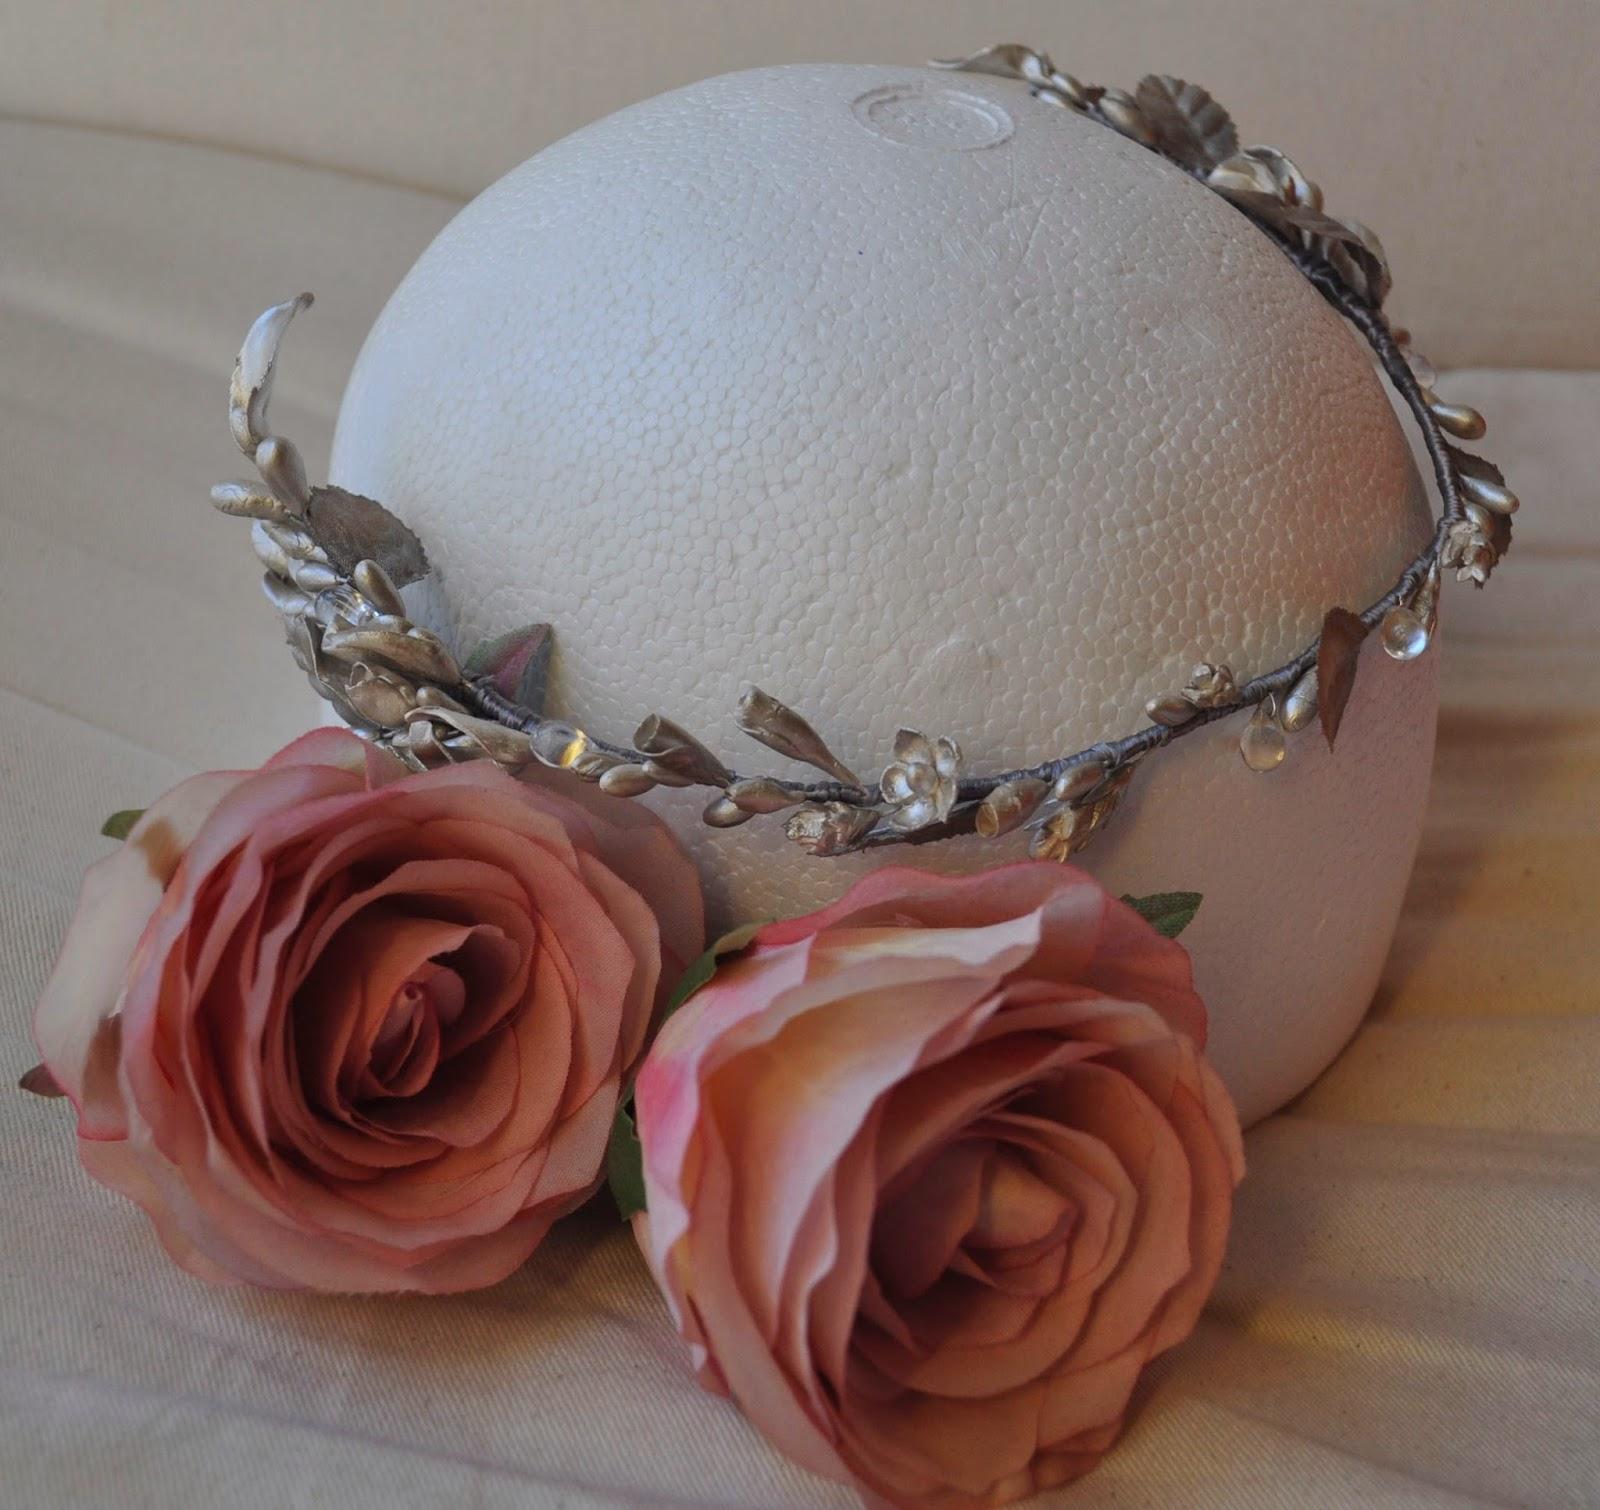 tocados baratos, tocados económicos, tiara plateada, tiara para bodas, tiara para invitadas, tiara económica, tiara de flores, corona de semillas